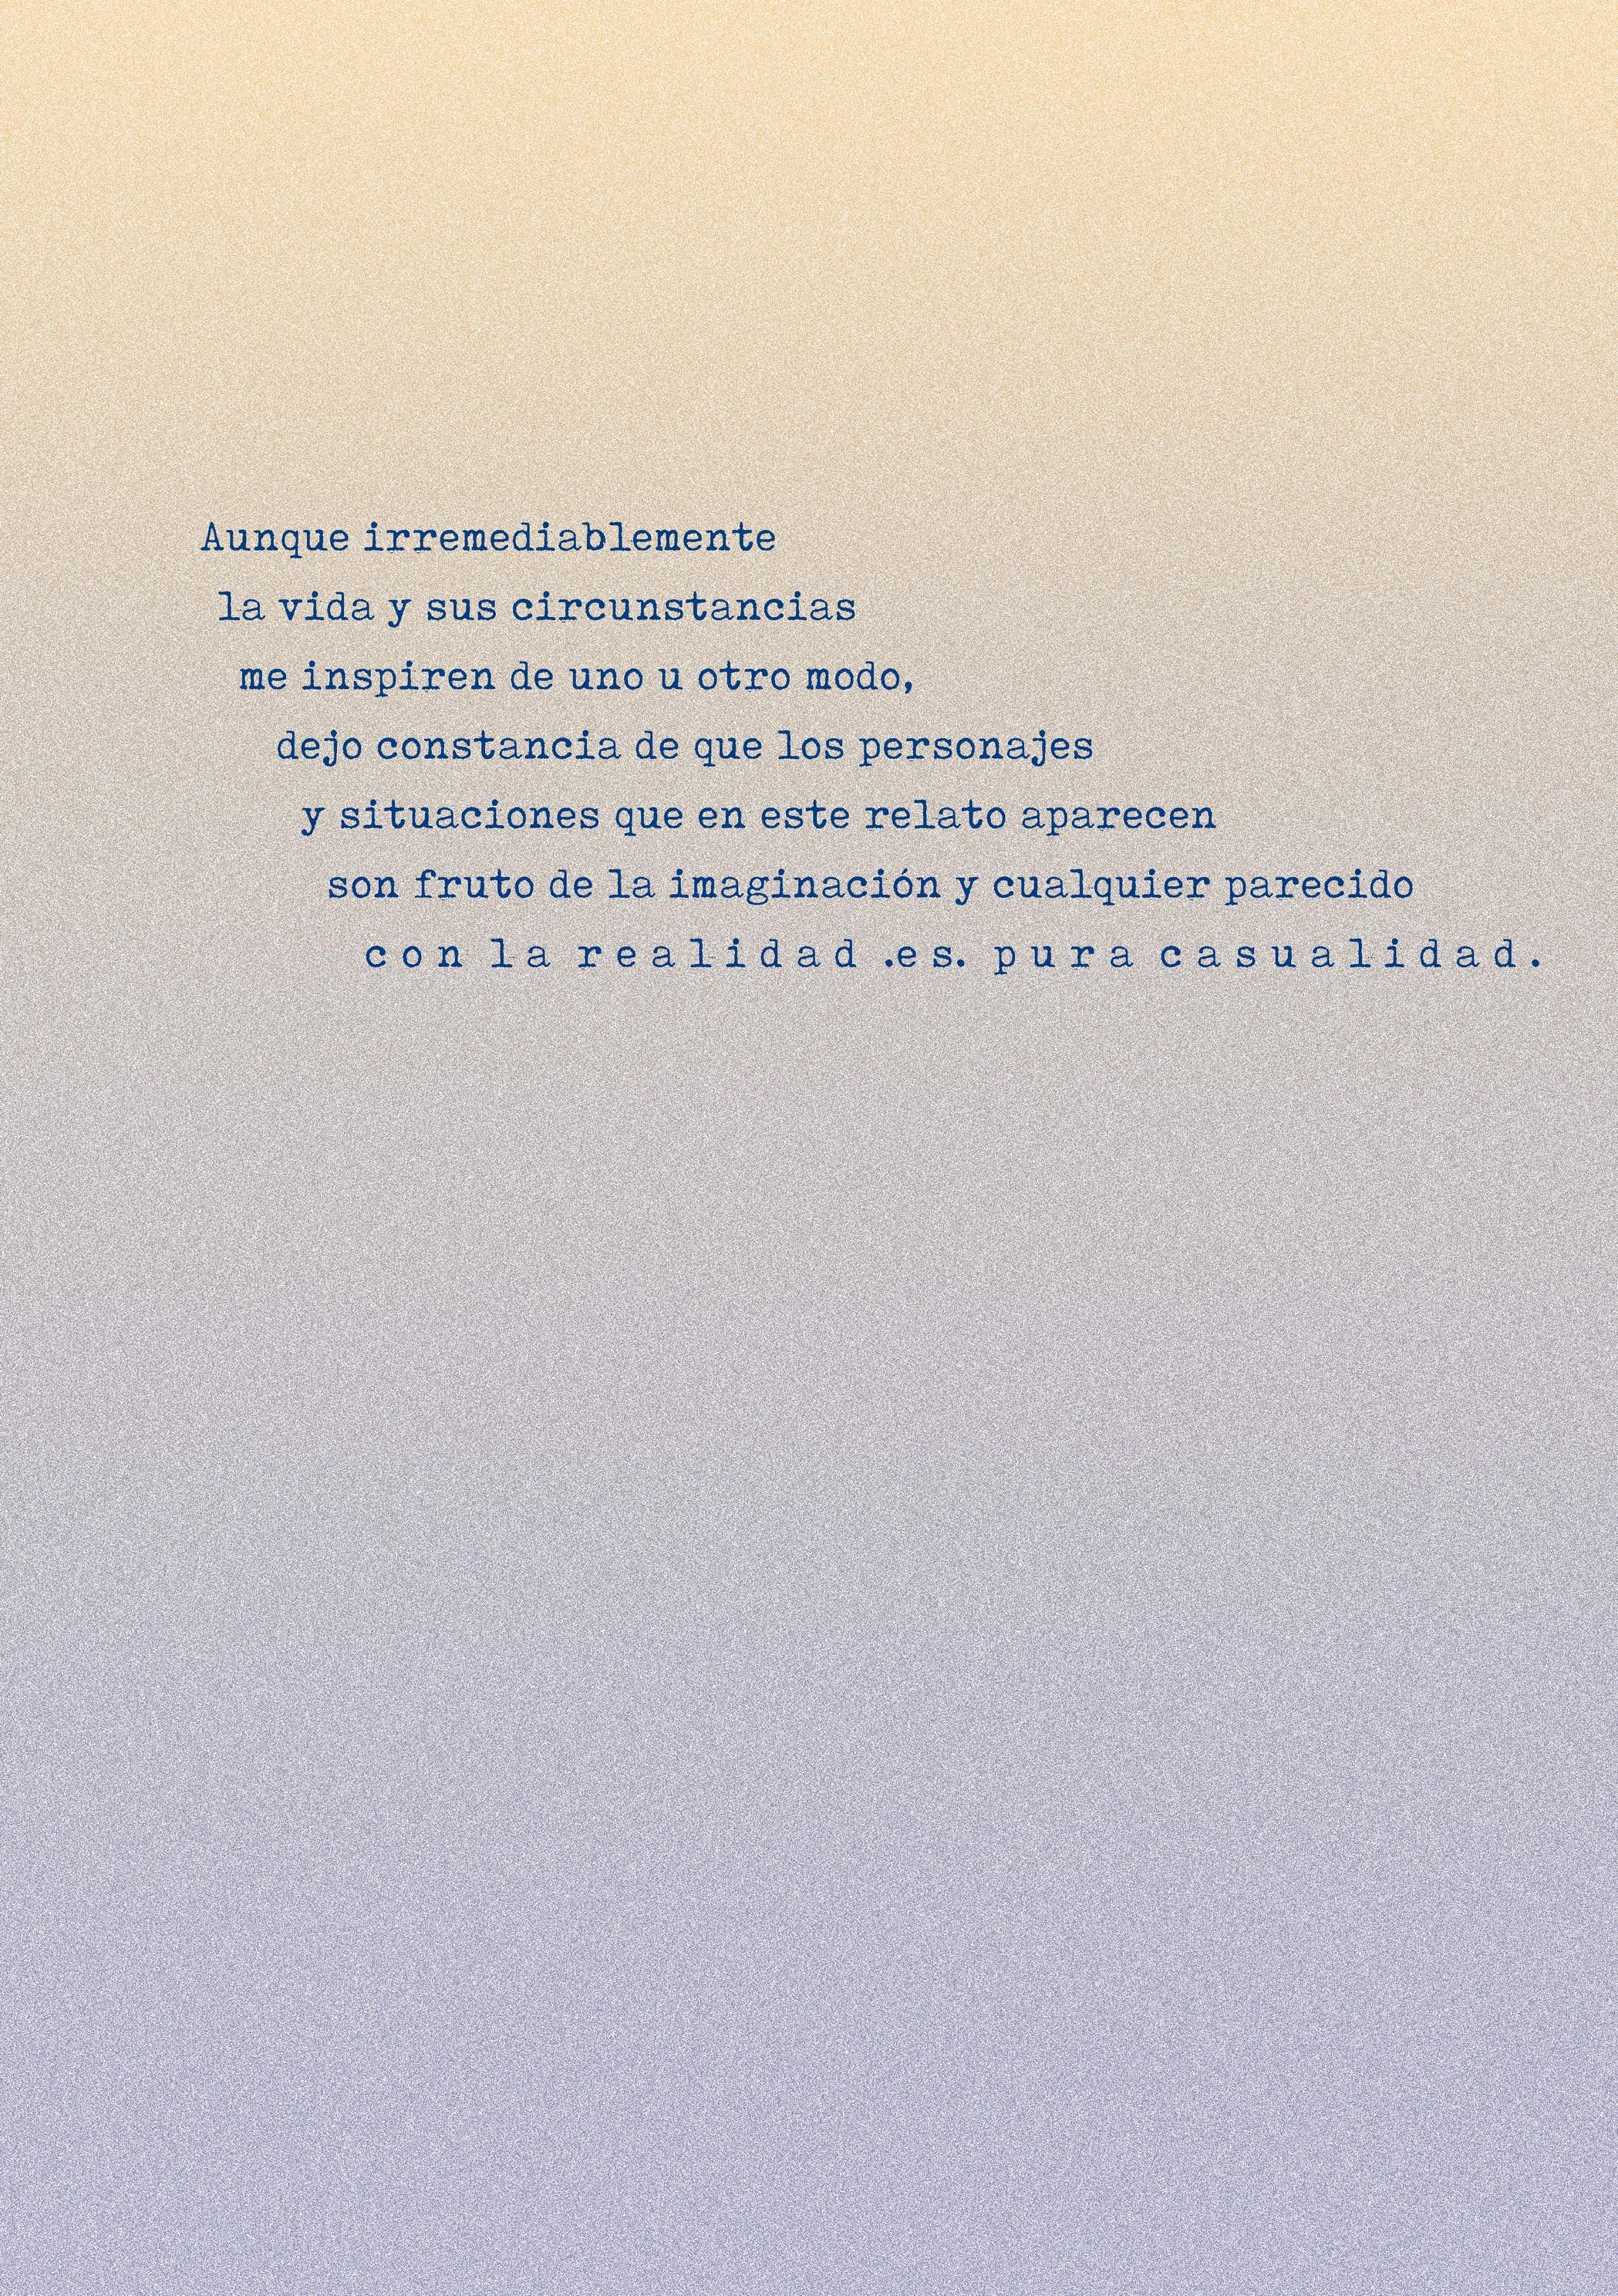 Hankar_XV_Miguel_Ángel_Martos_Porras_pagina00002